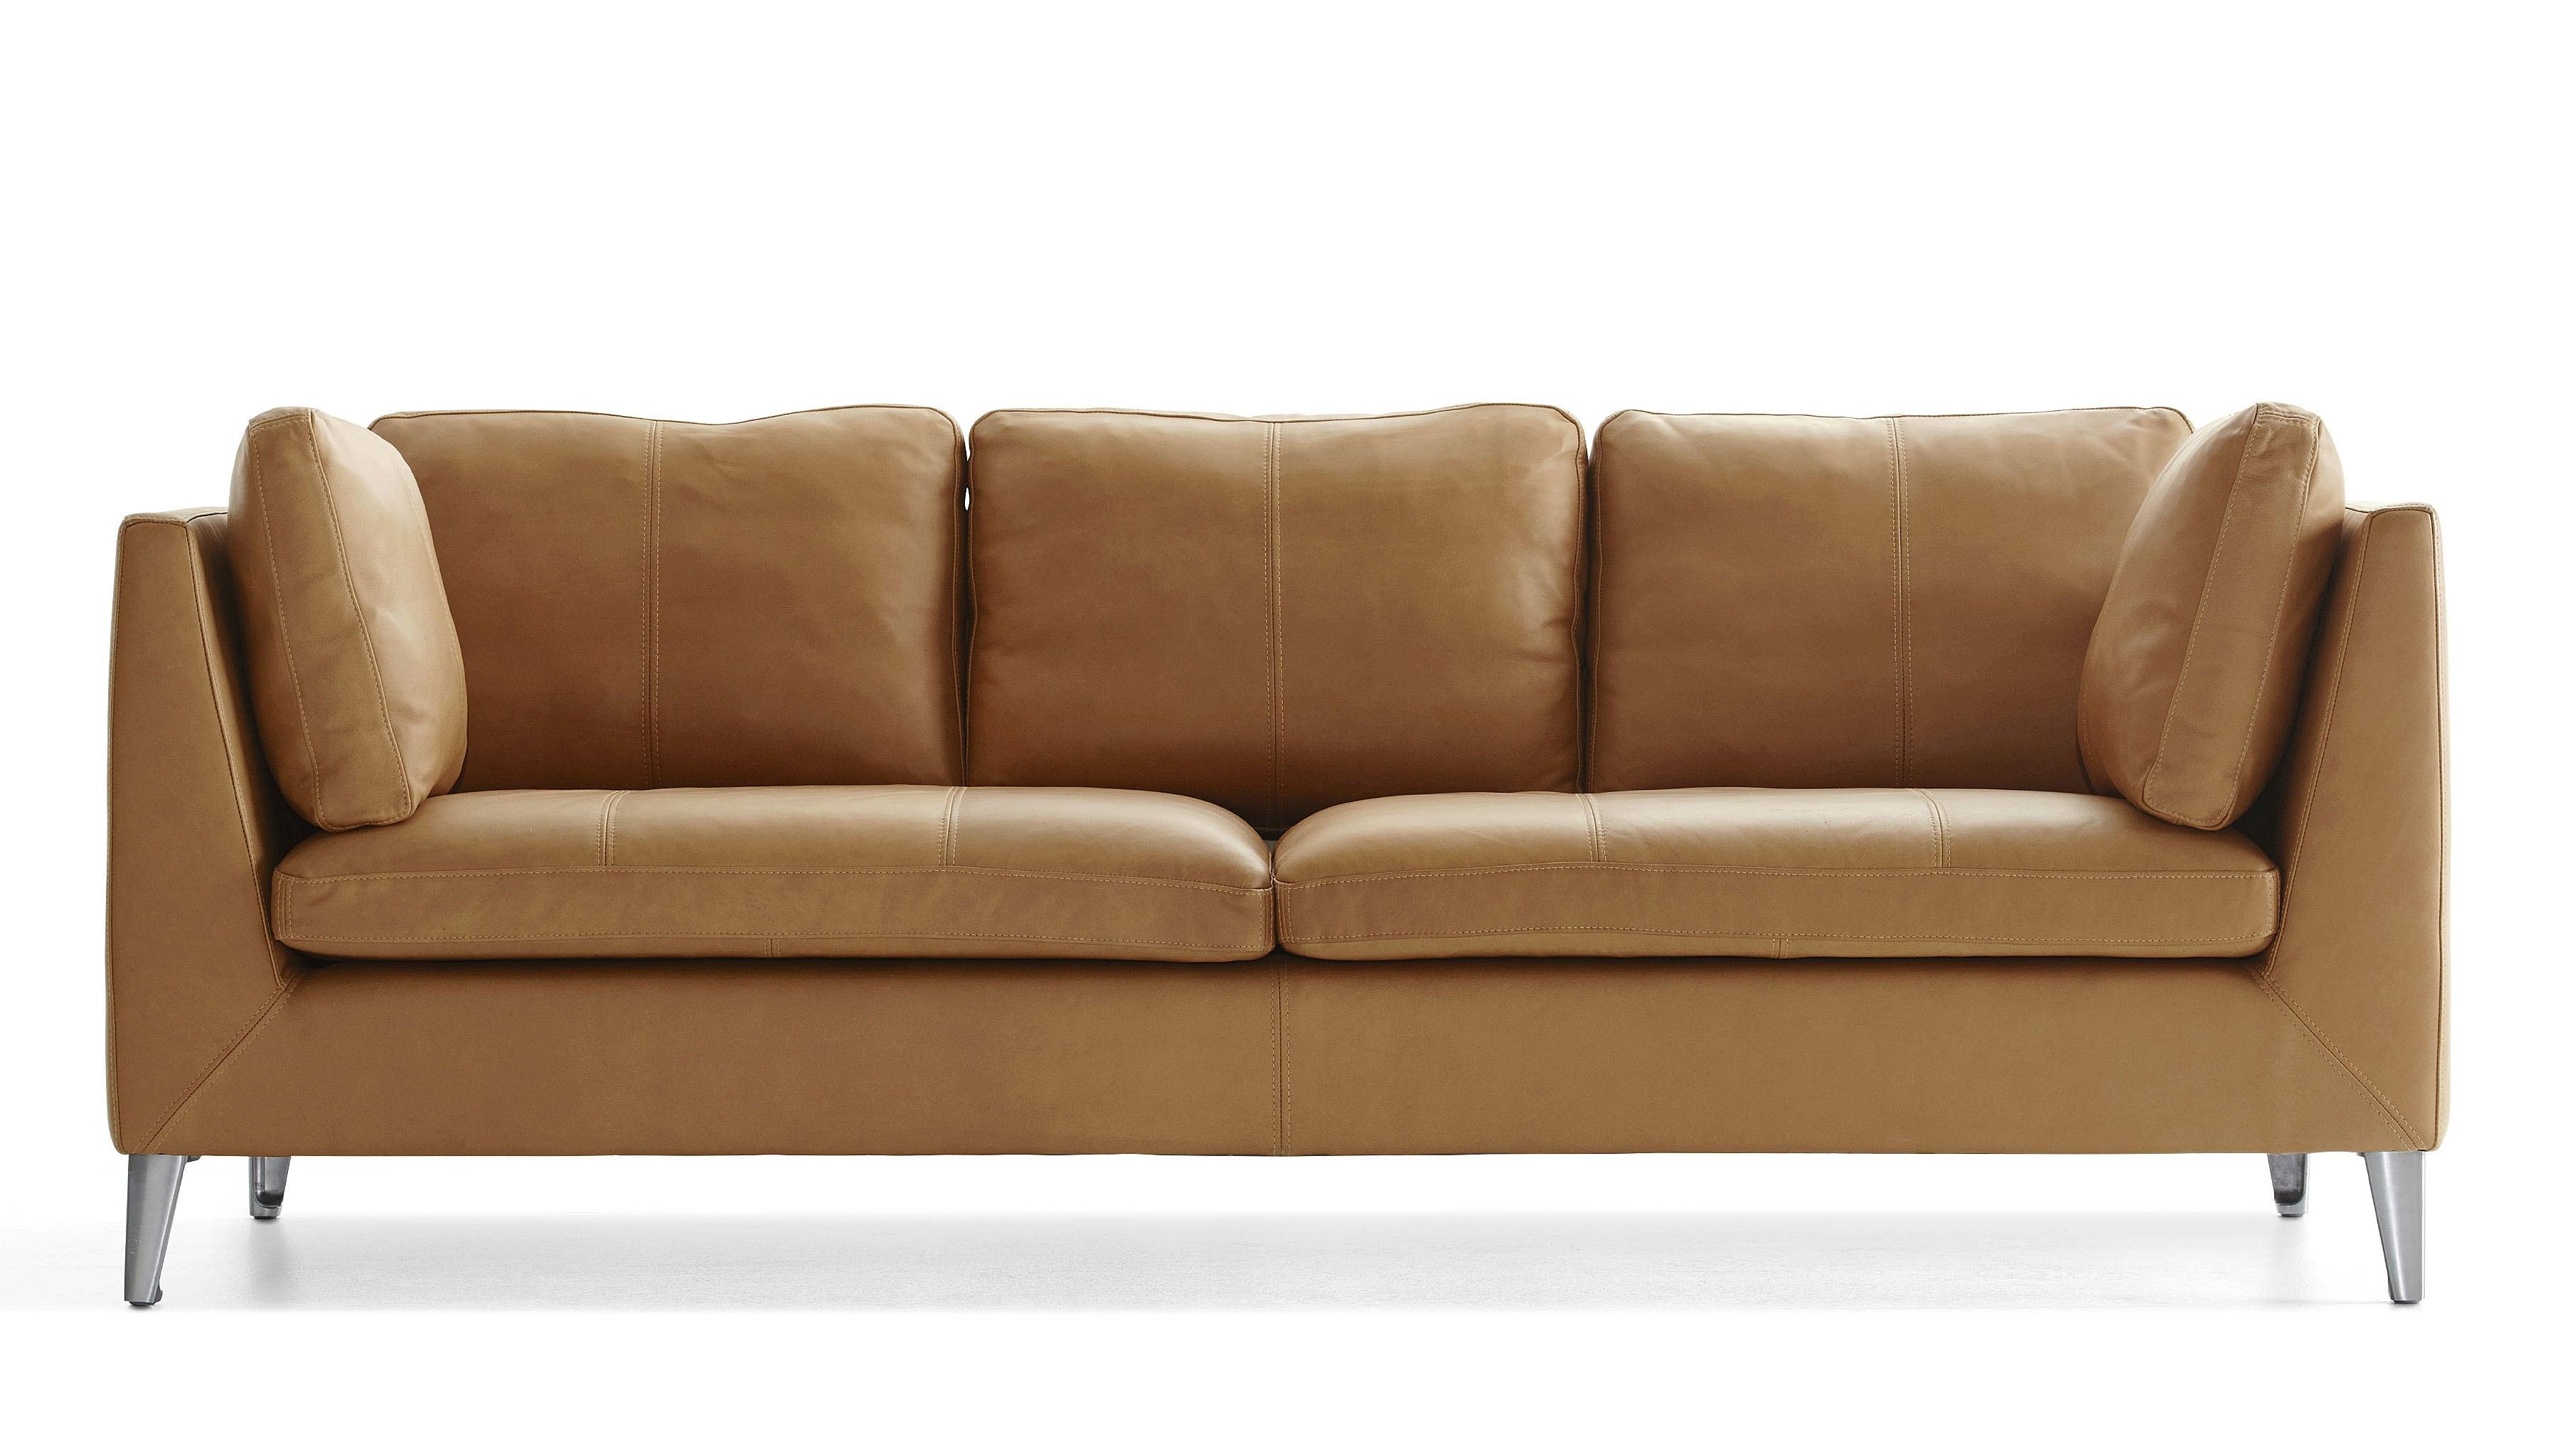 Sofas Y Sillones Irdz sofà S Y Sillones Pra Online Ikea